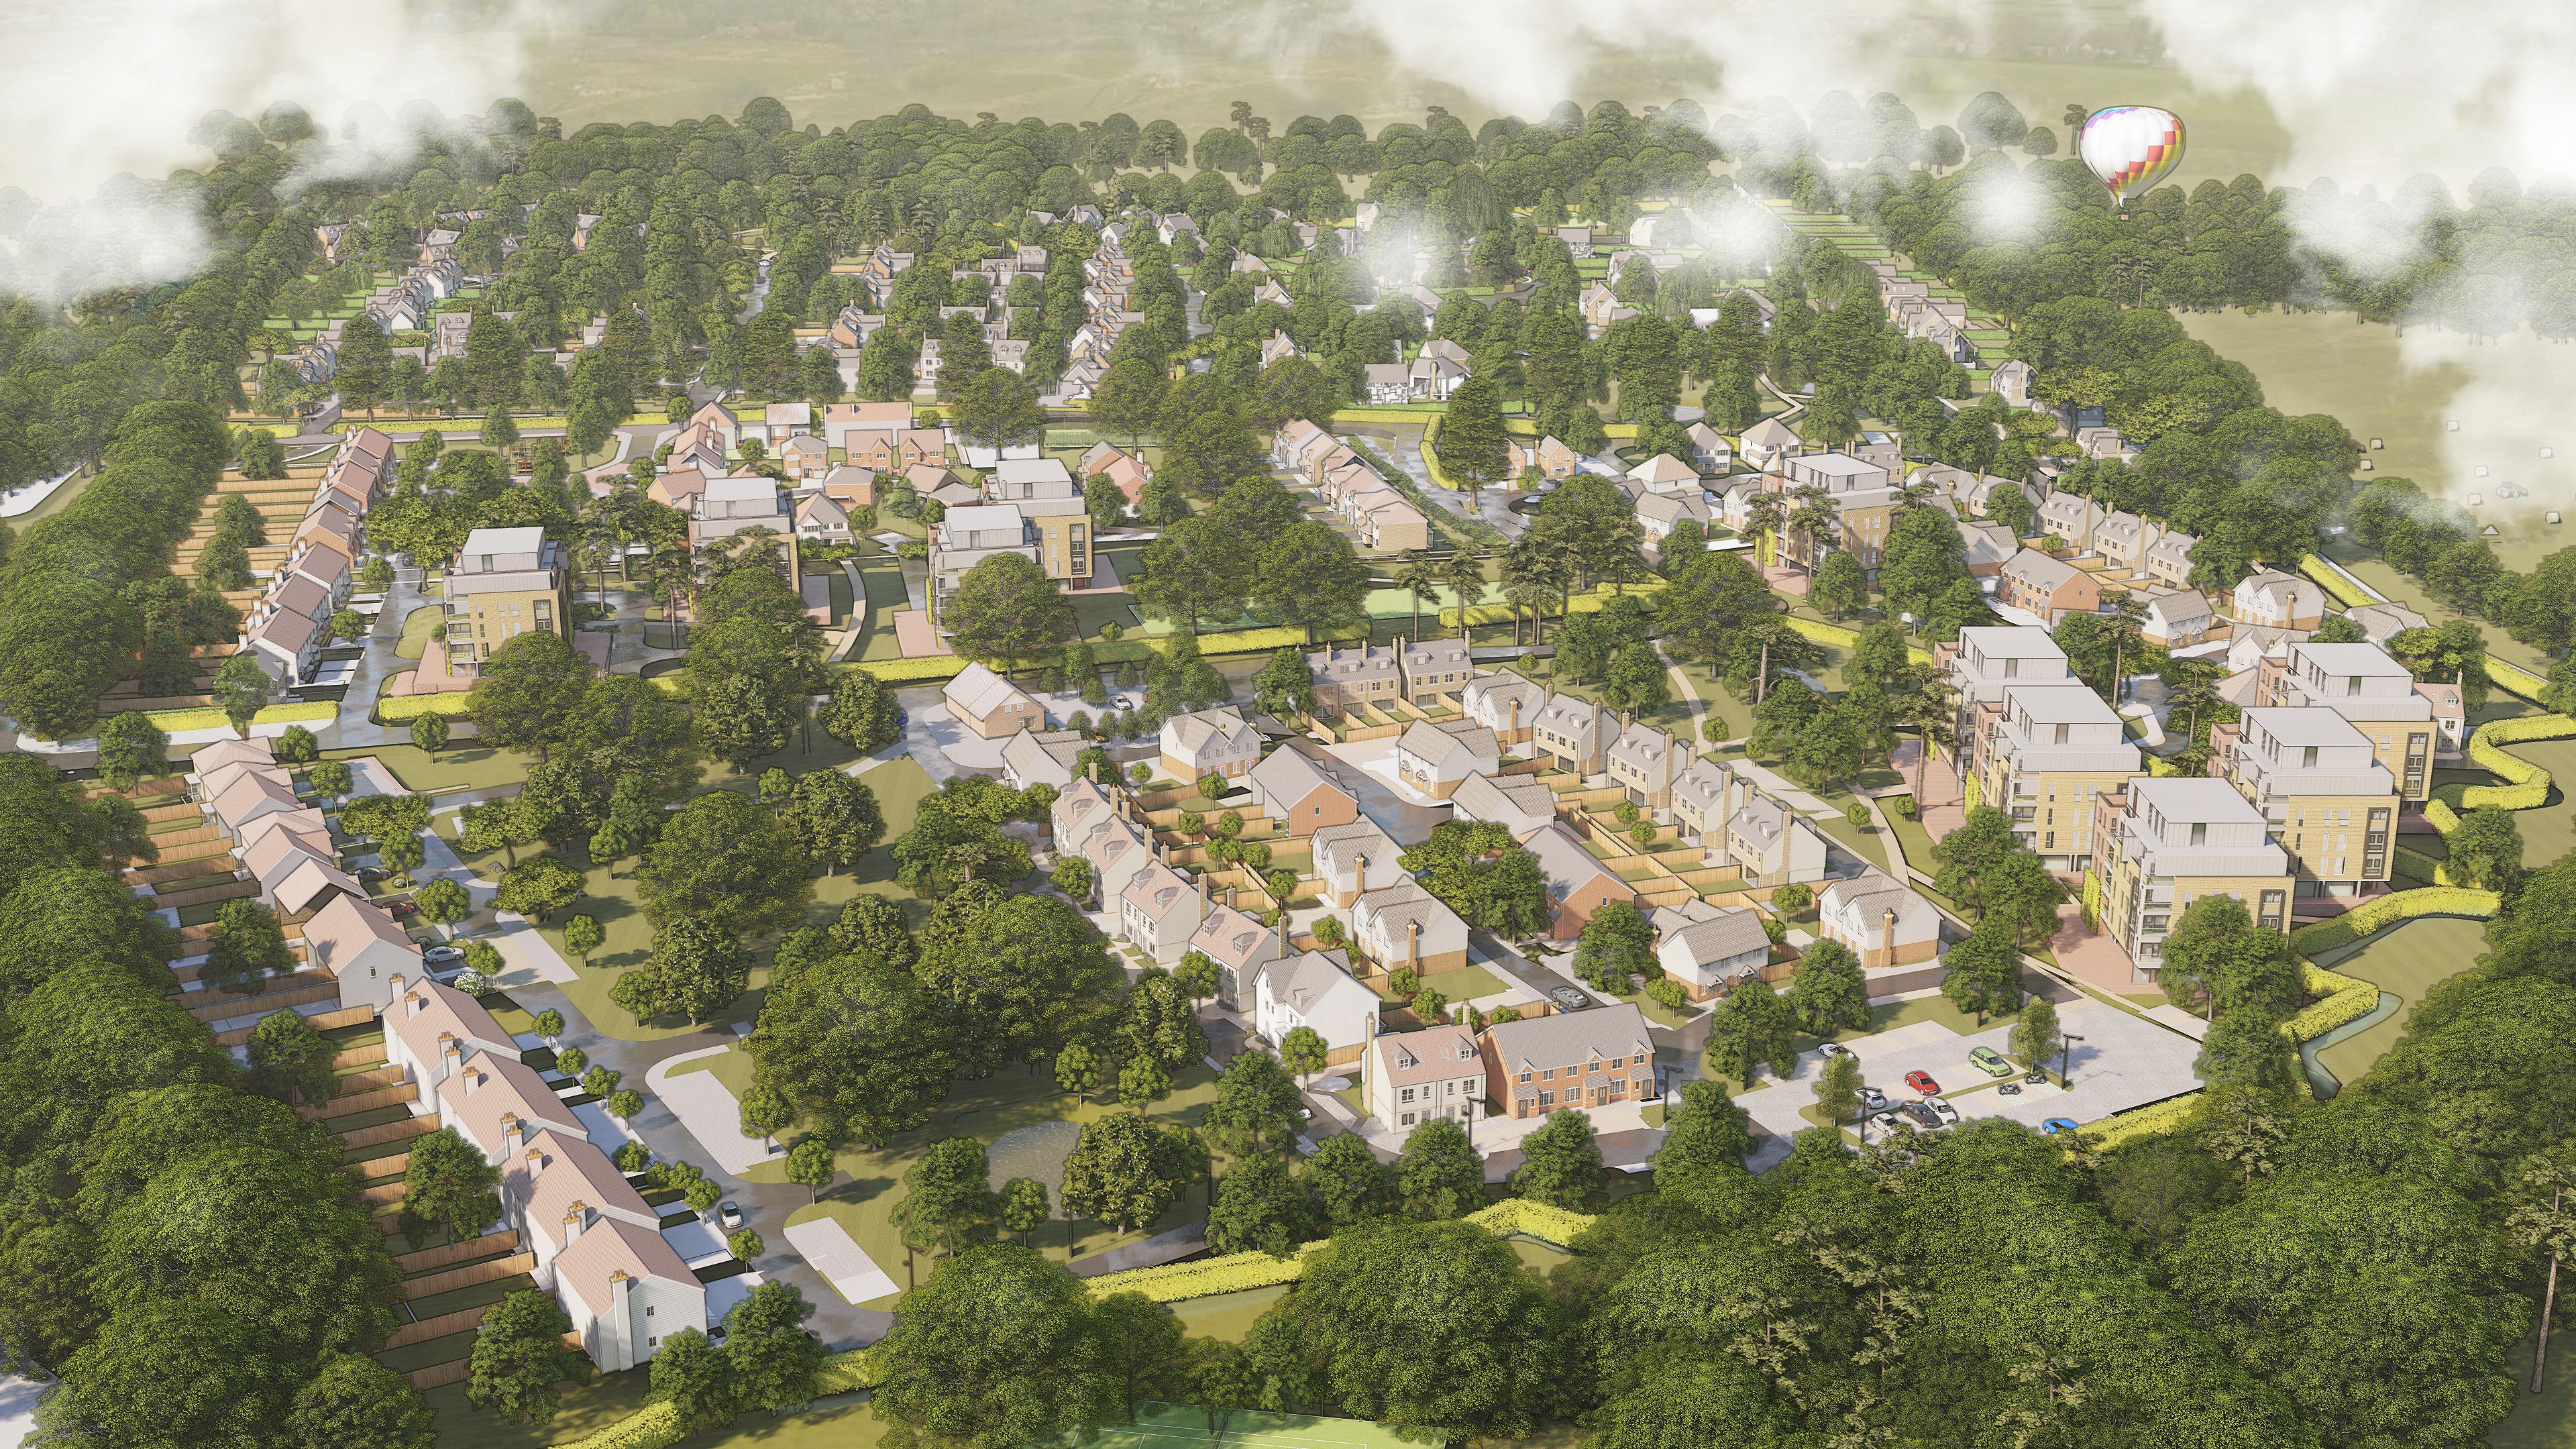 Conceptual Artistic Site Plan 1 - Land a